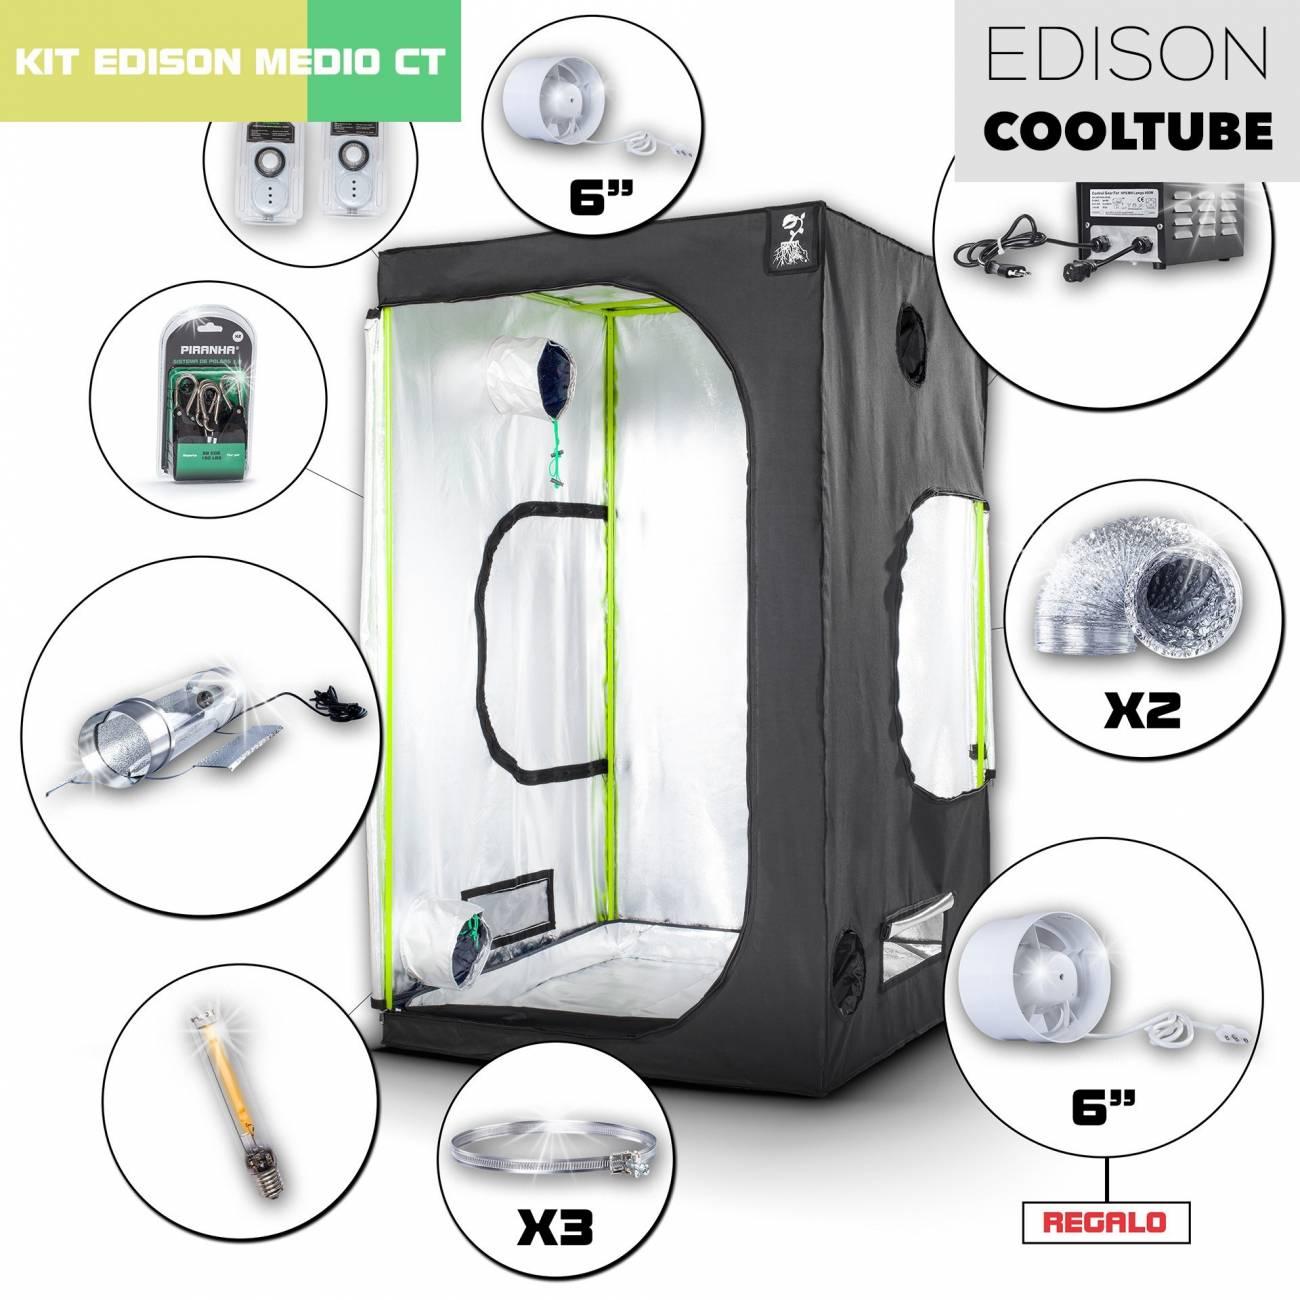 Kit Edison CoolTube 120 - 600W Medio